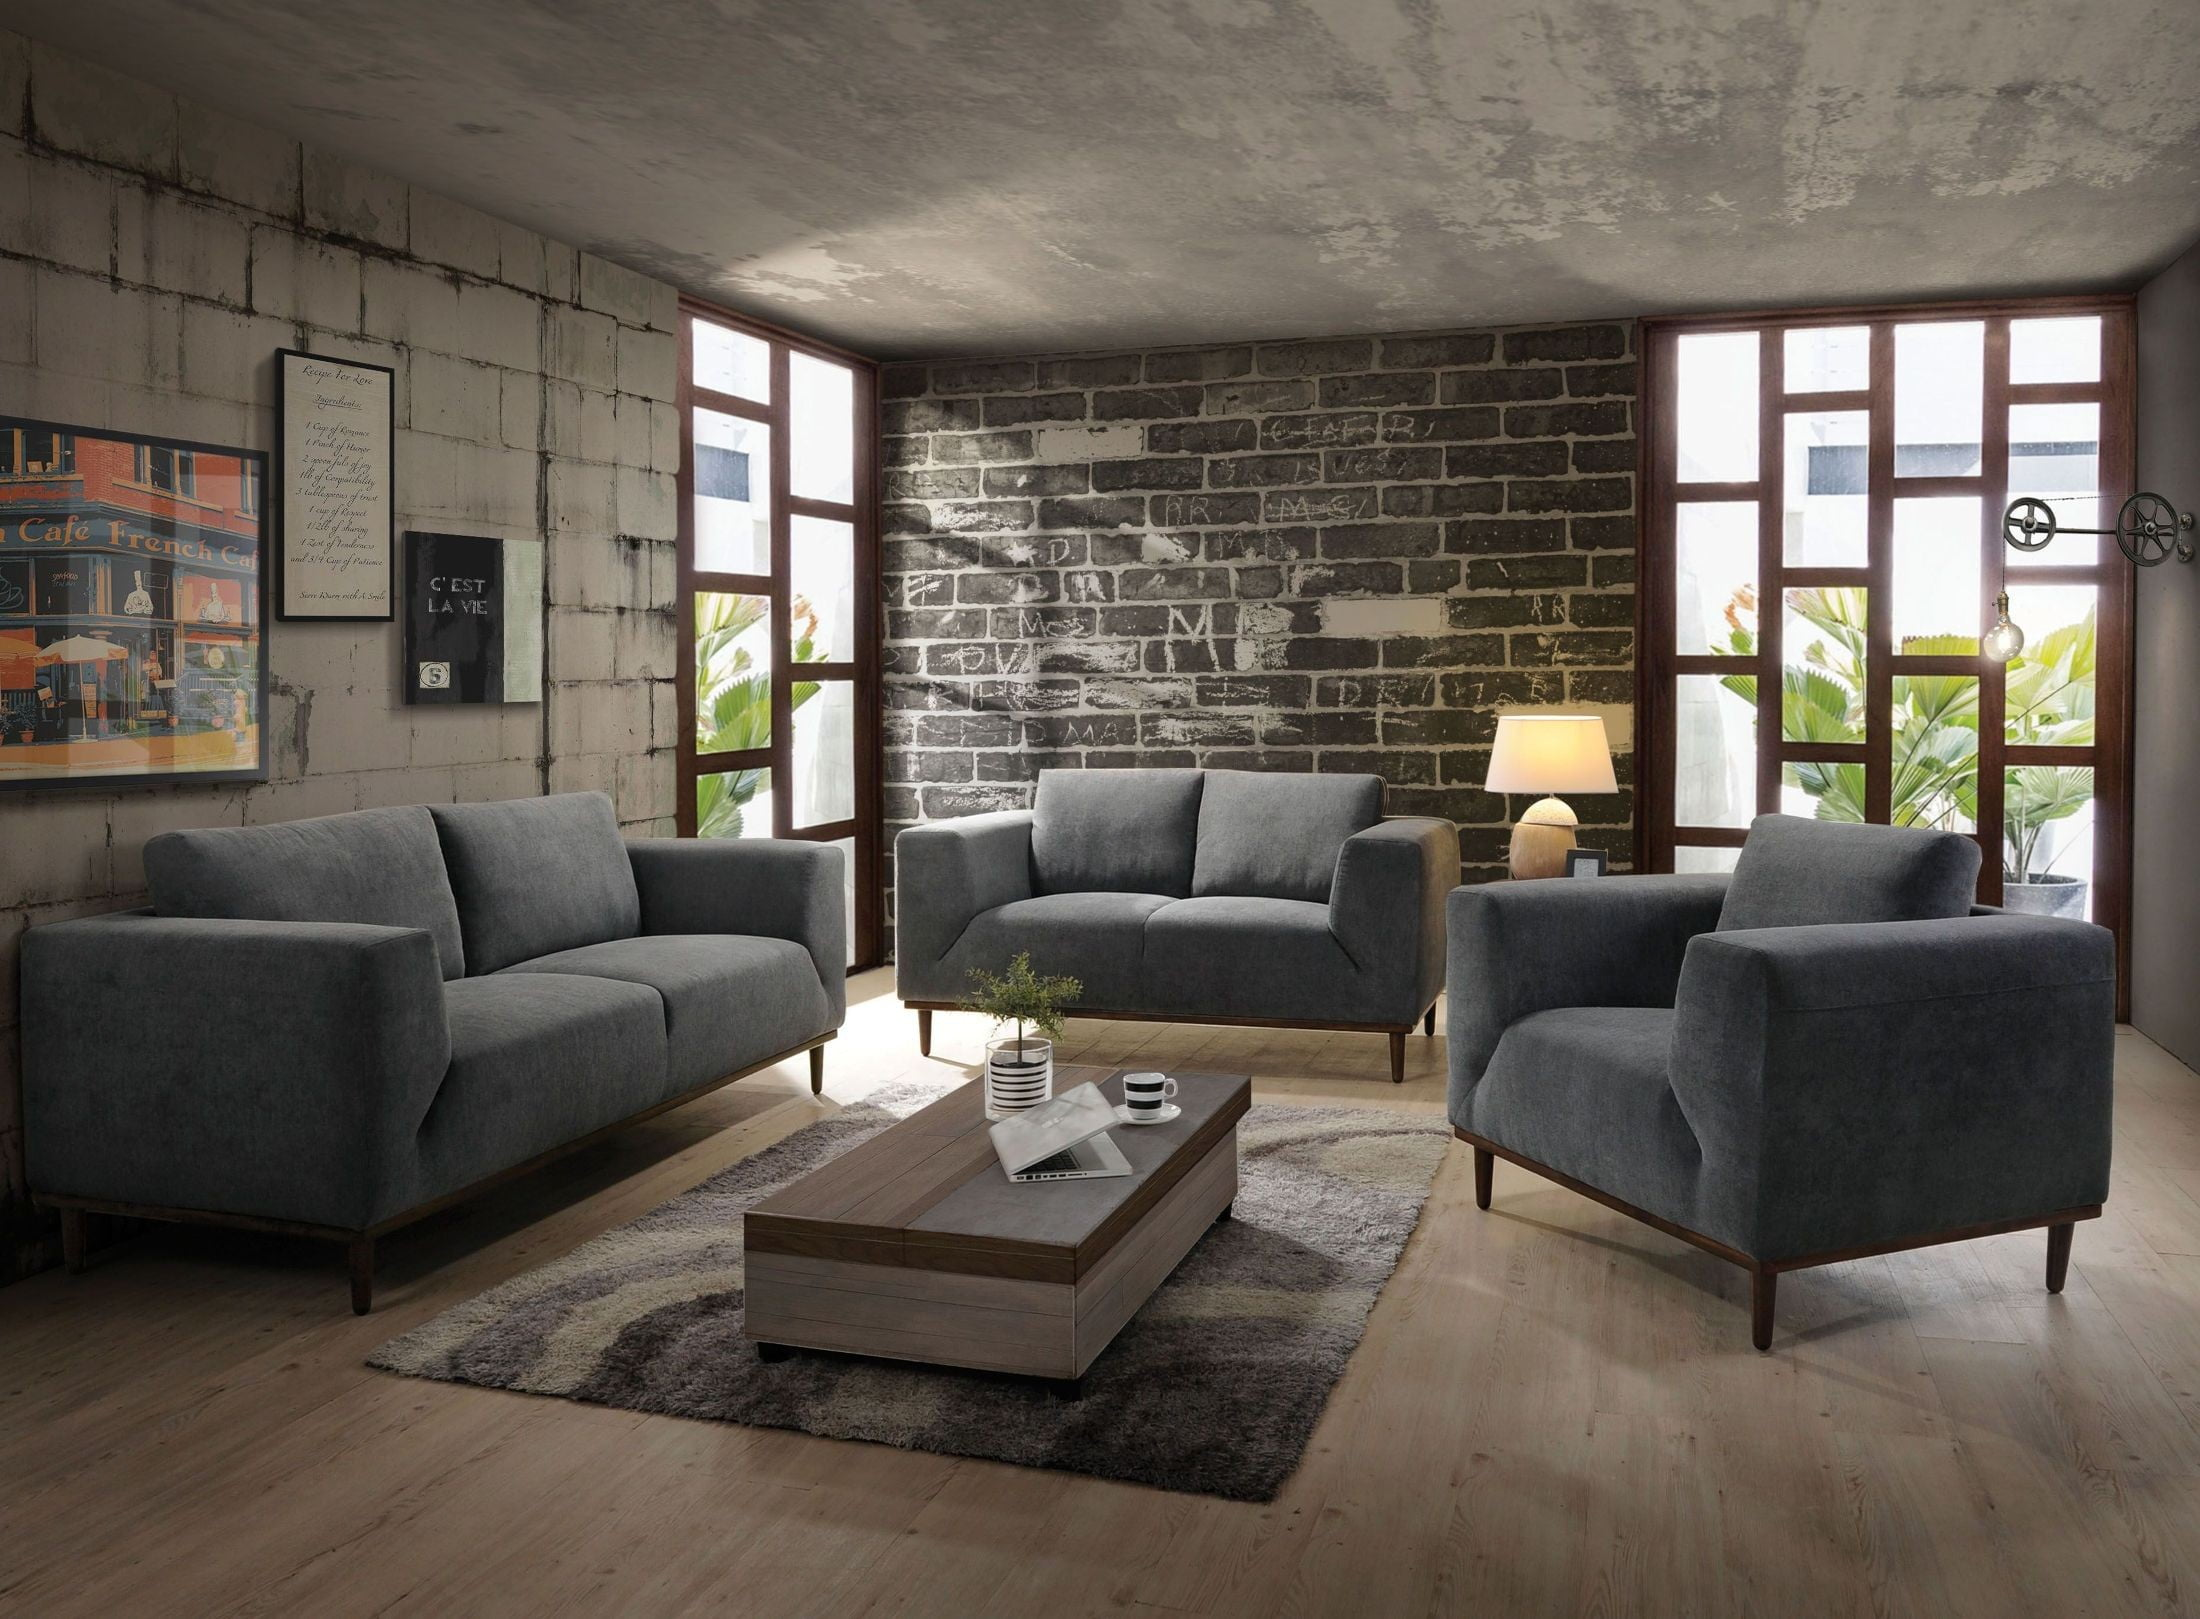 Lunaville Dark Gray Living Room Set from Acme